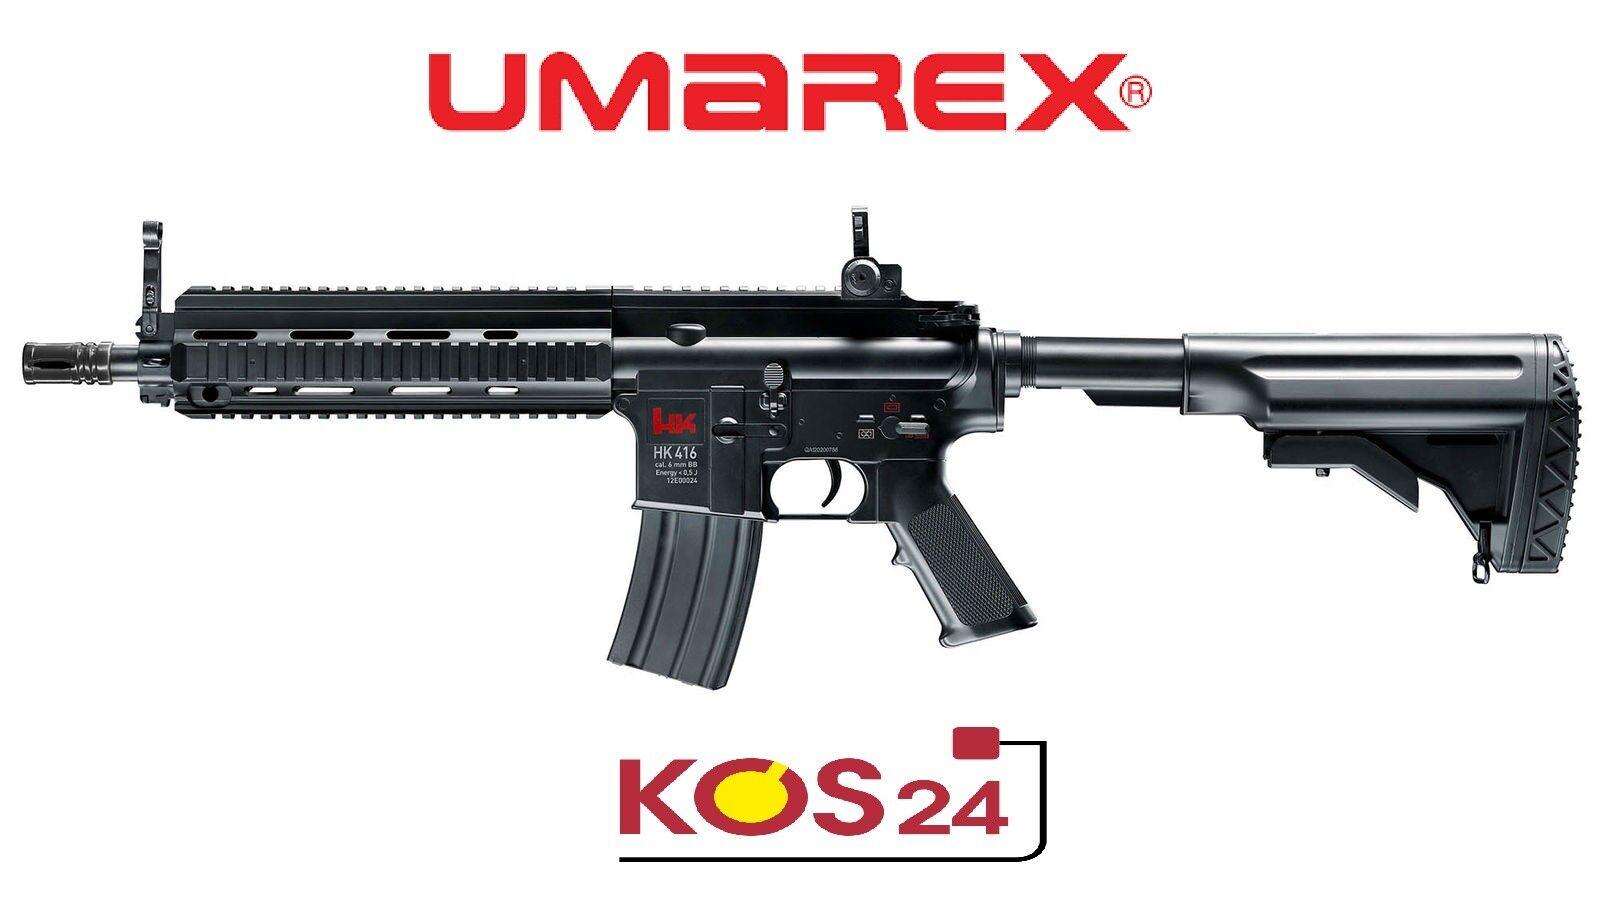 Elektrische Softair Schnellfeuerkarabiner - Gewehr Schnellfeuerkarabiner Softair HK 416C mit Akkus <0,5Joule 484dc3